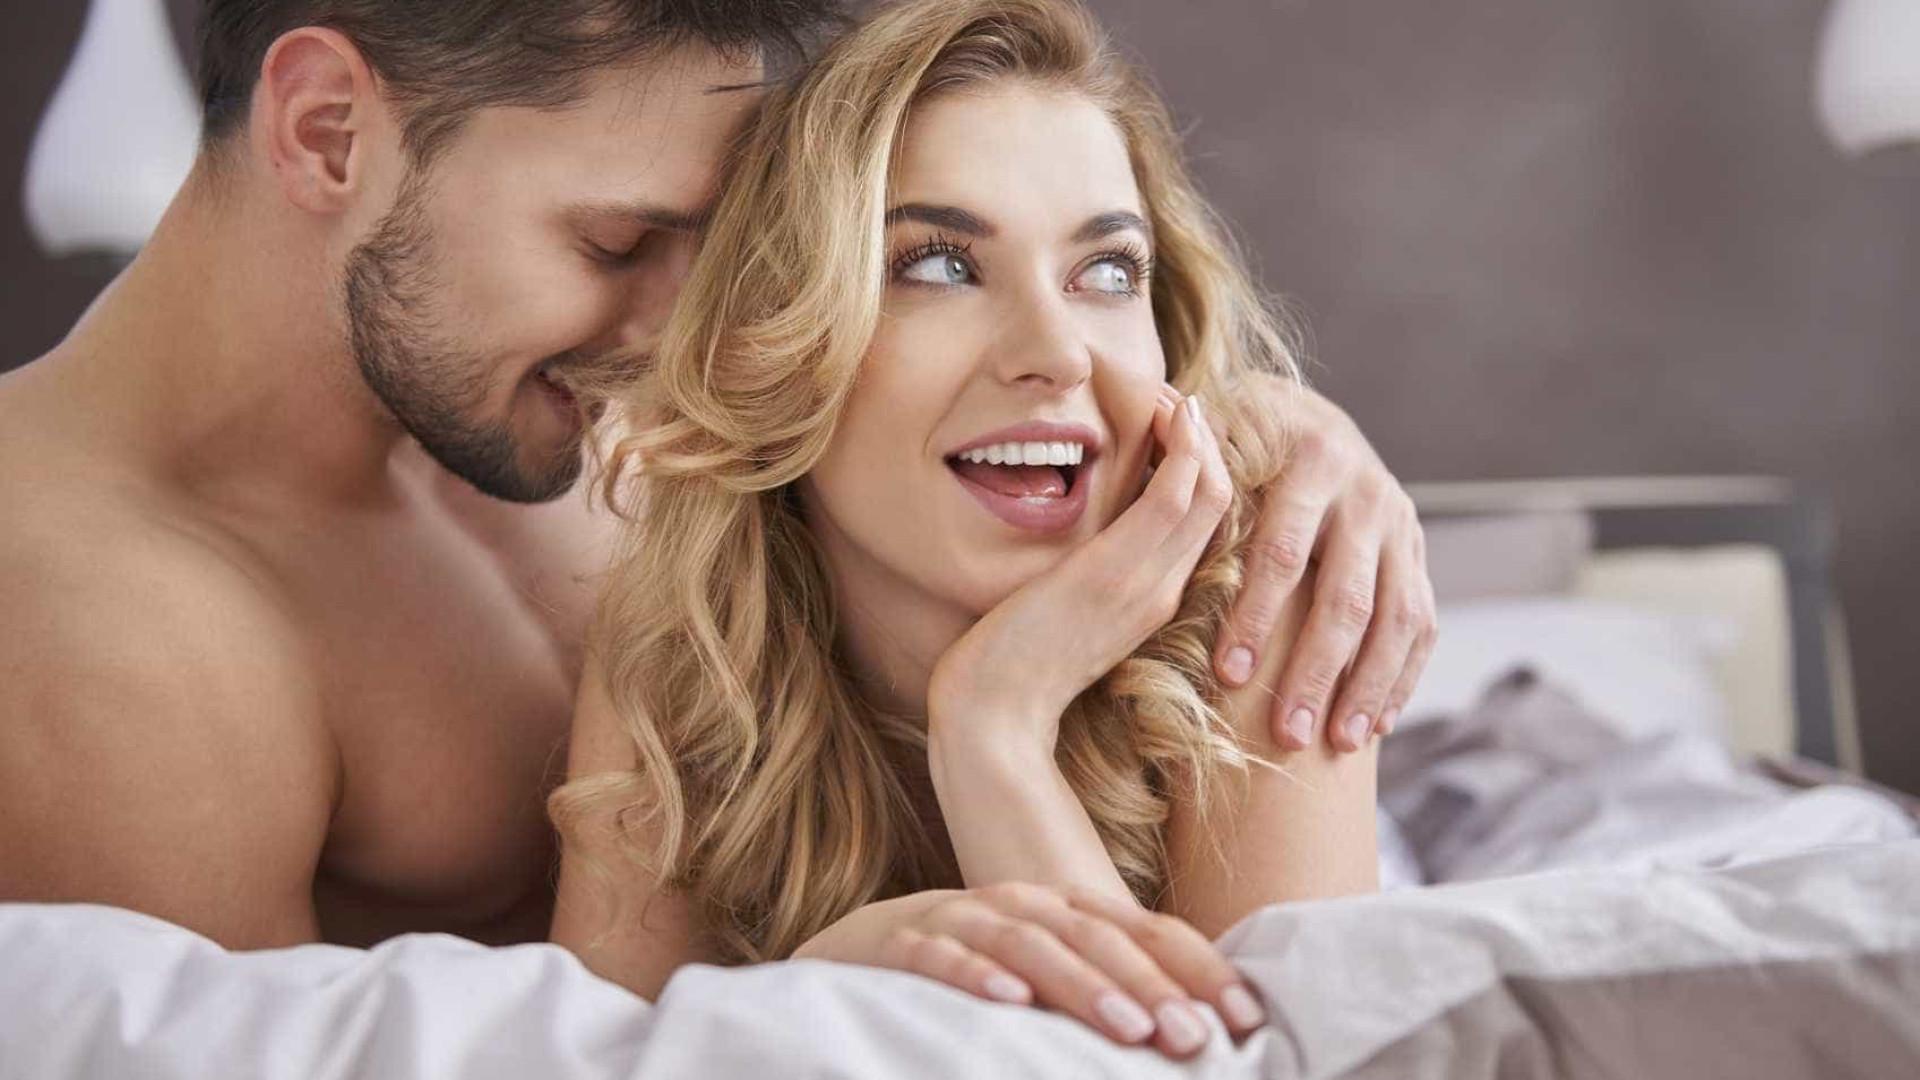 Mulheres veem mais filmes pornôs após o casamento, diz estudo